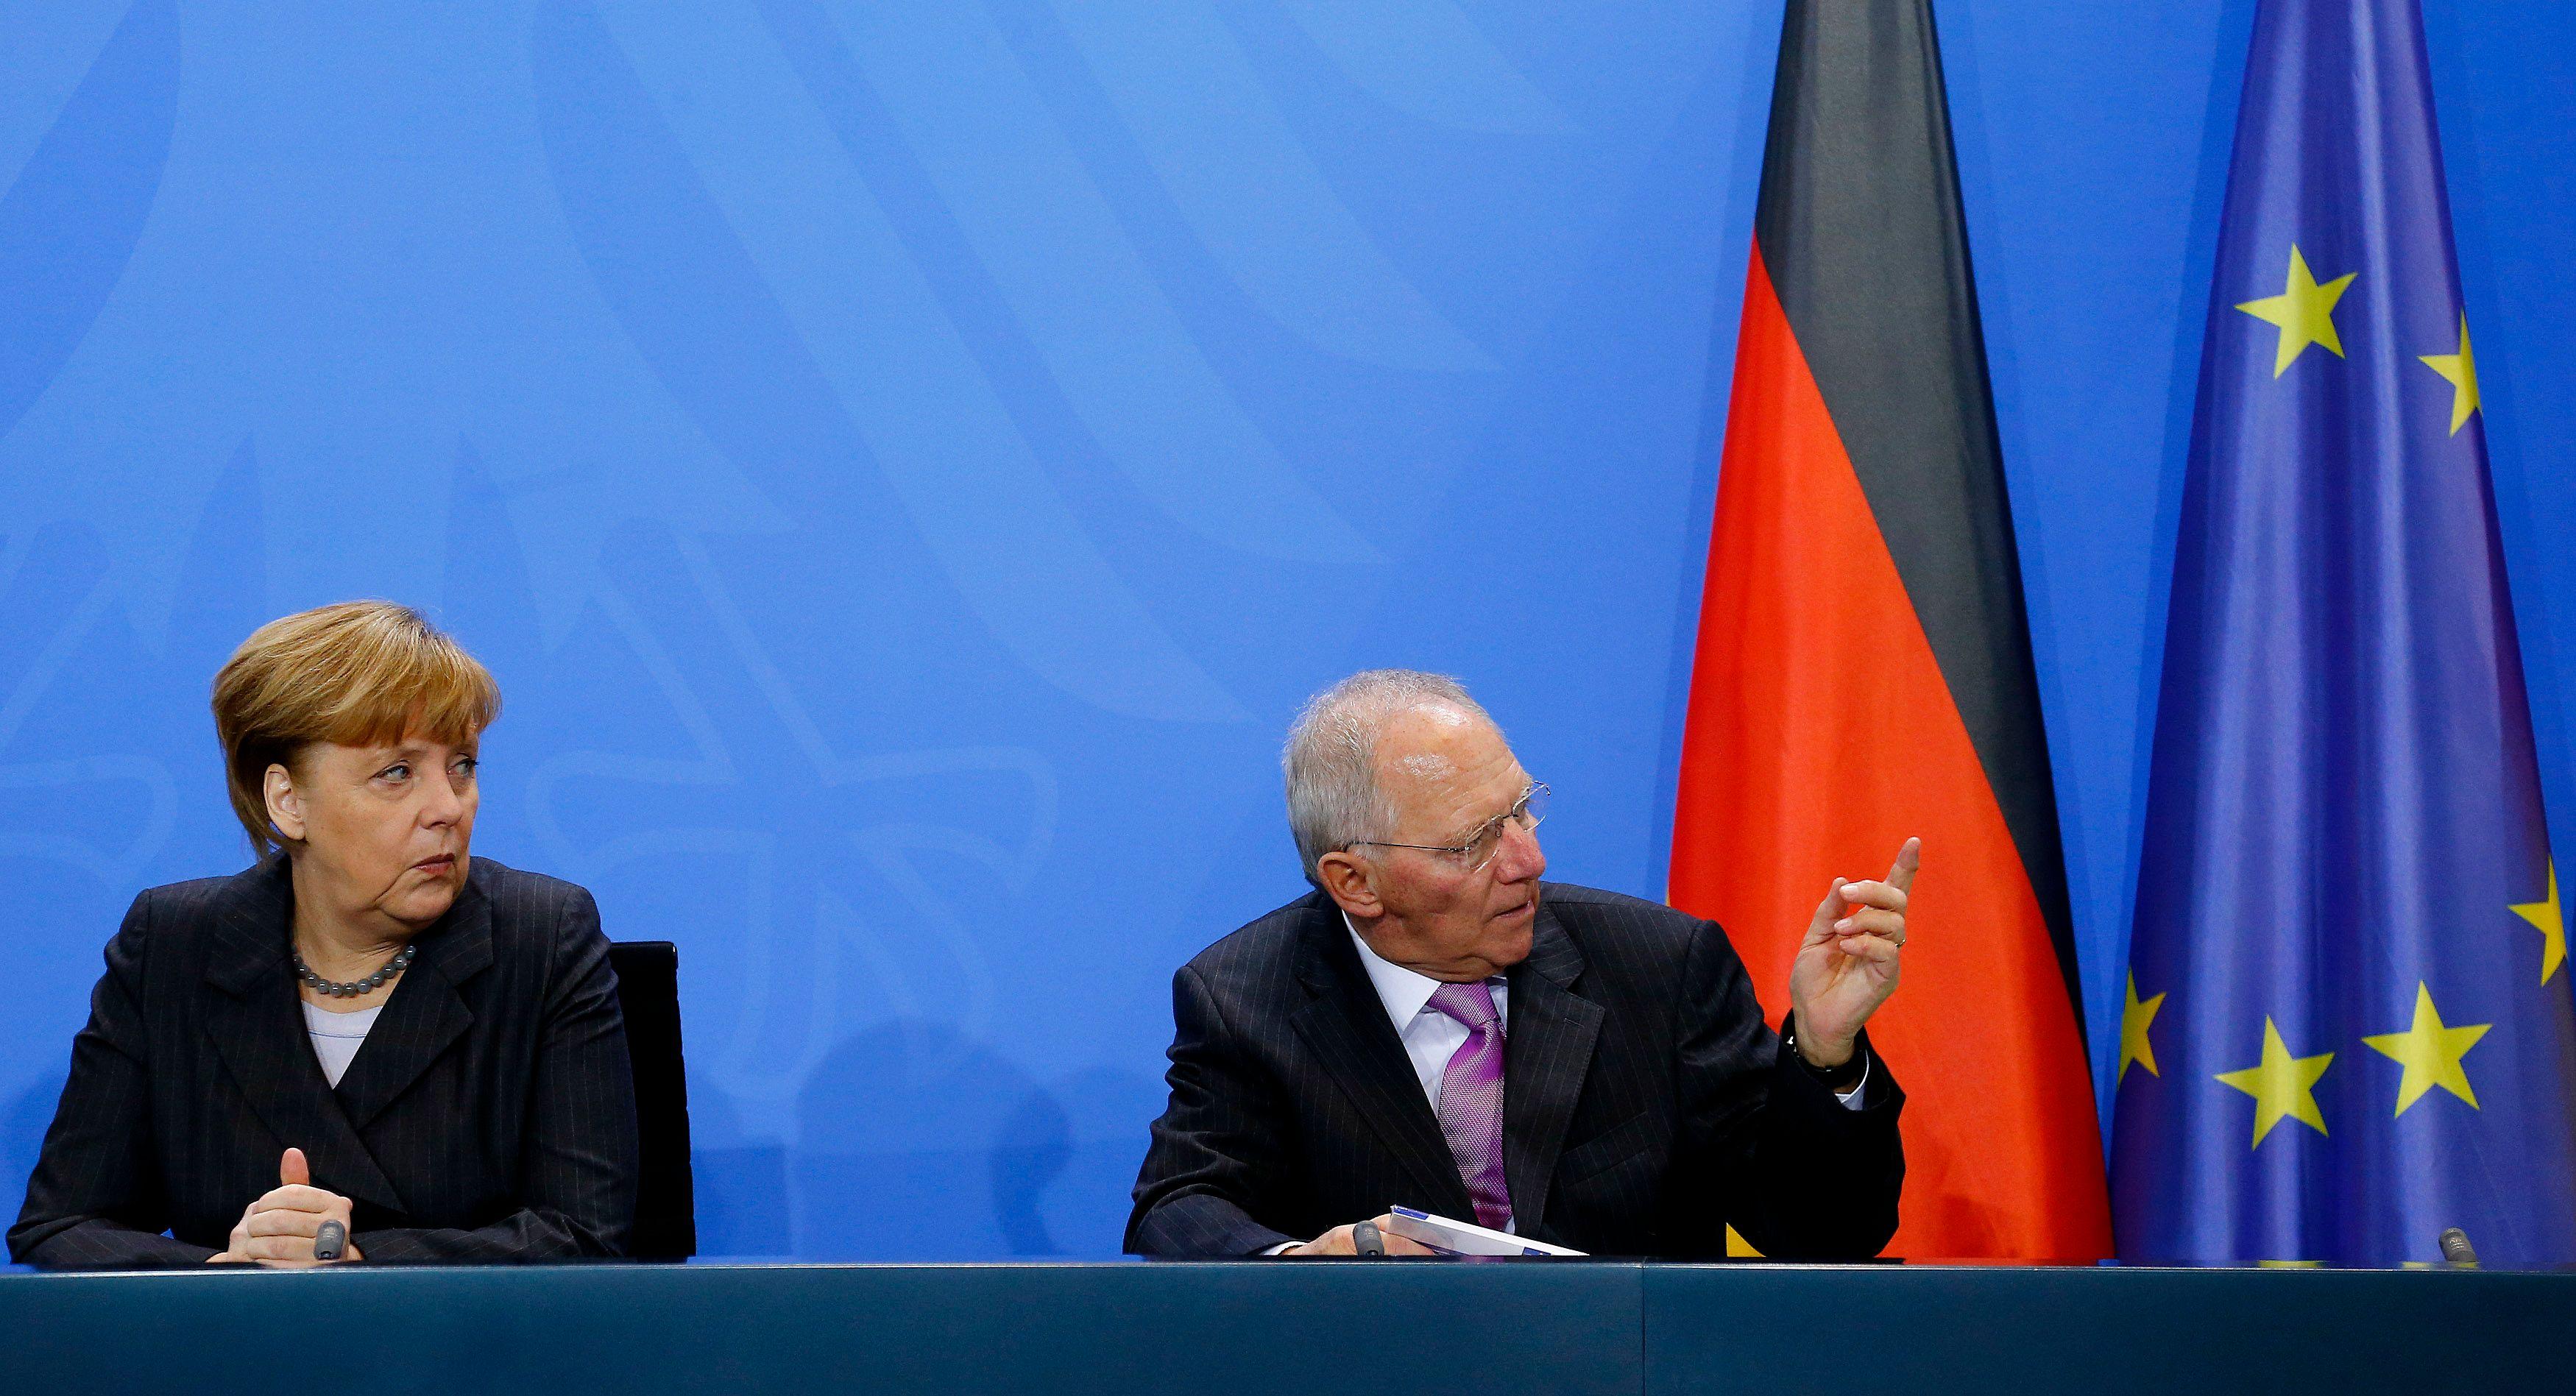 L'Allemagne réalise un excédent commercial record de 199 milliards d'euros mais à quel prix pour l'Europe ?